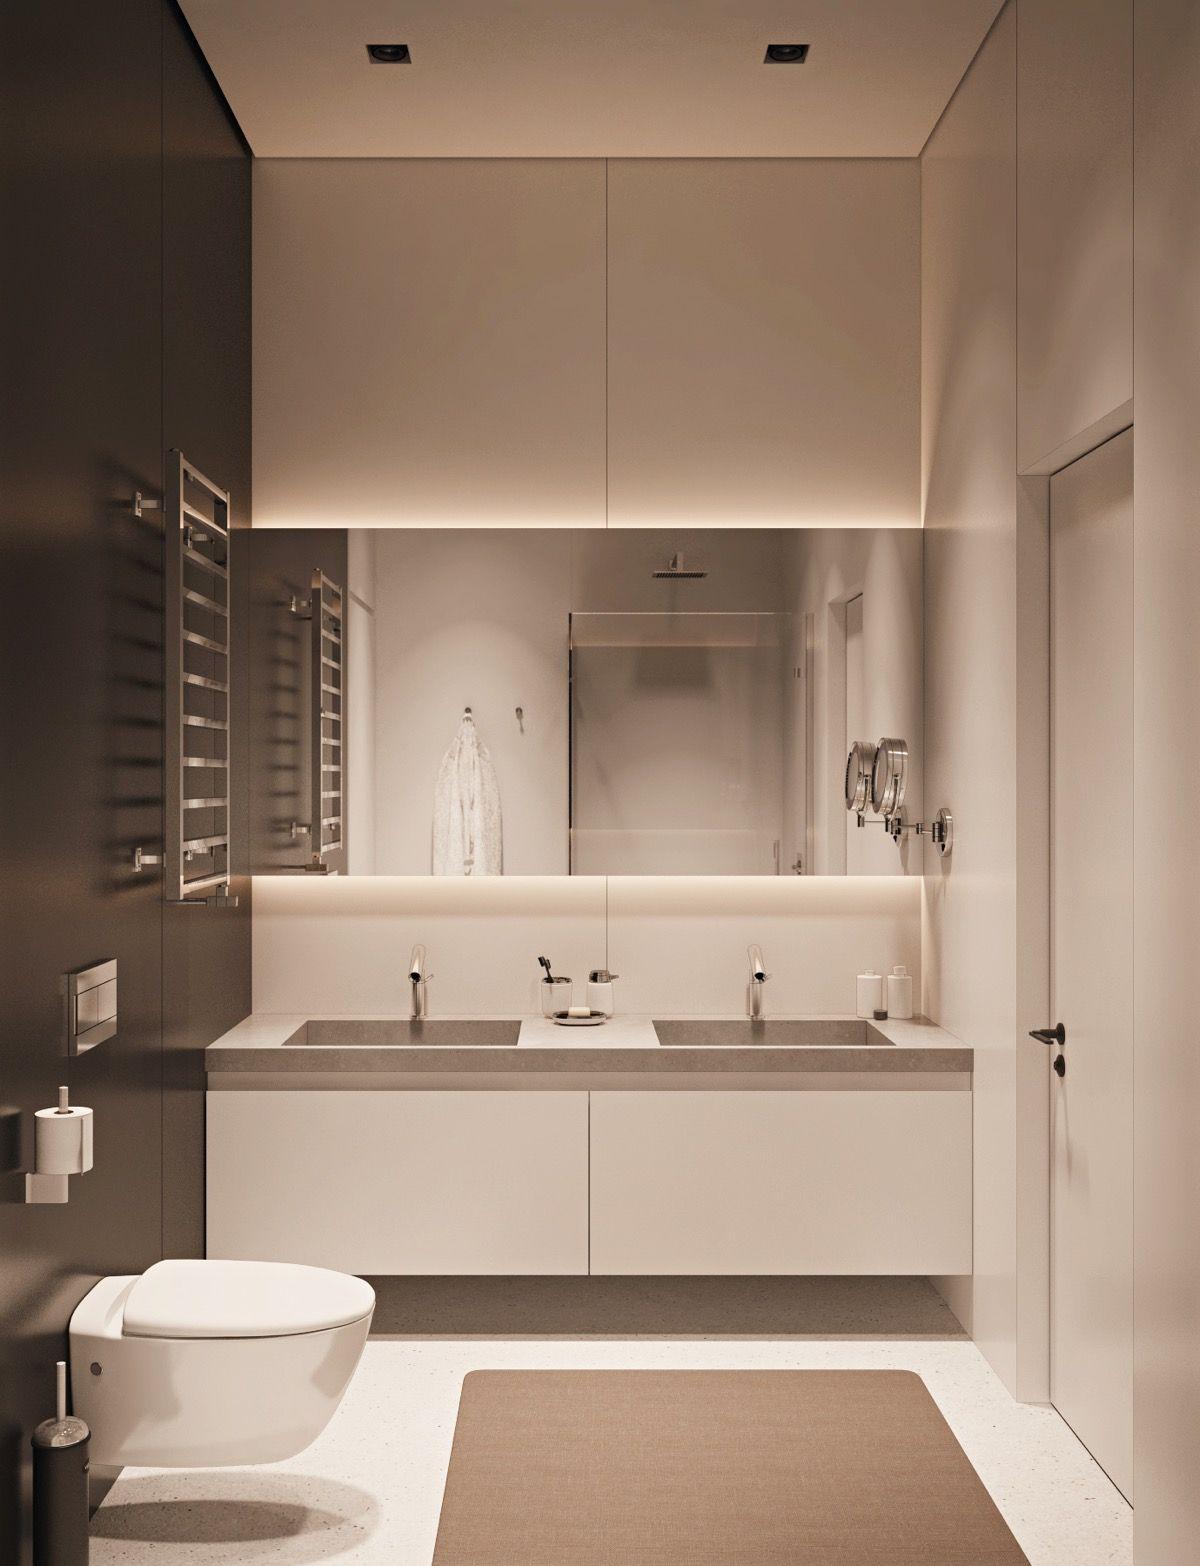 40 Doppel Waschbecken Badezimmer Eitelkeiten | Badezimmer Ideen ...